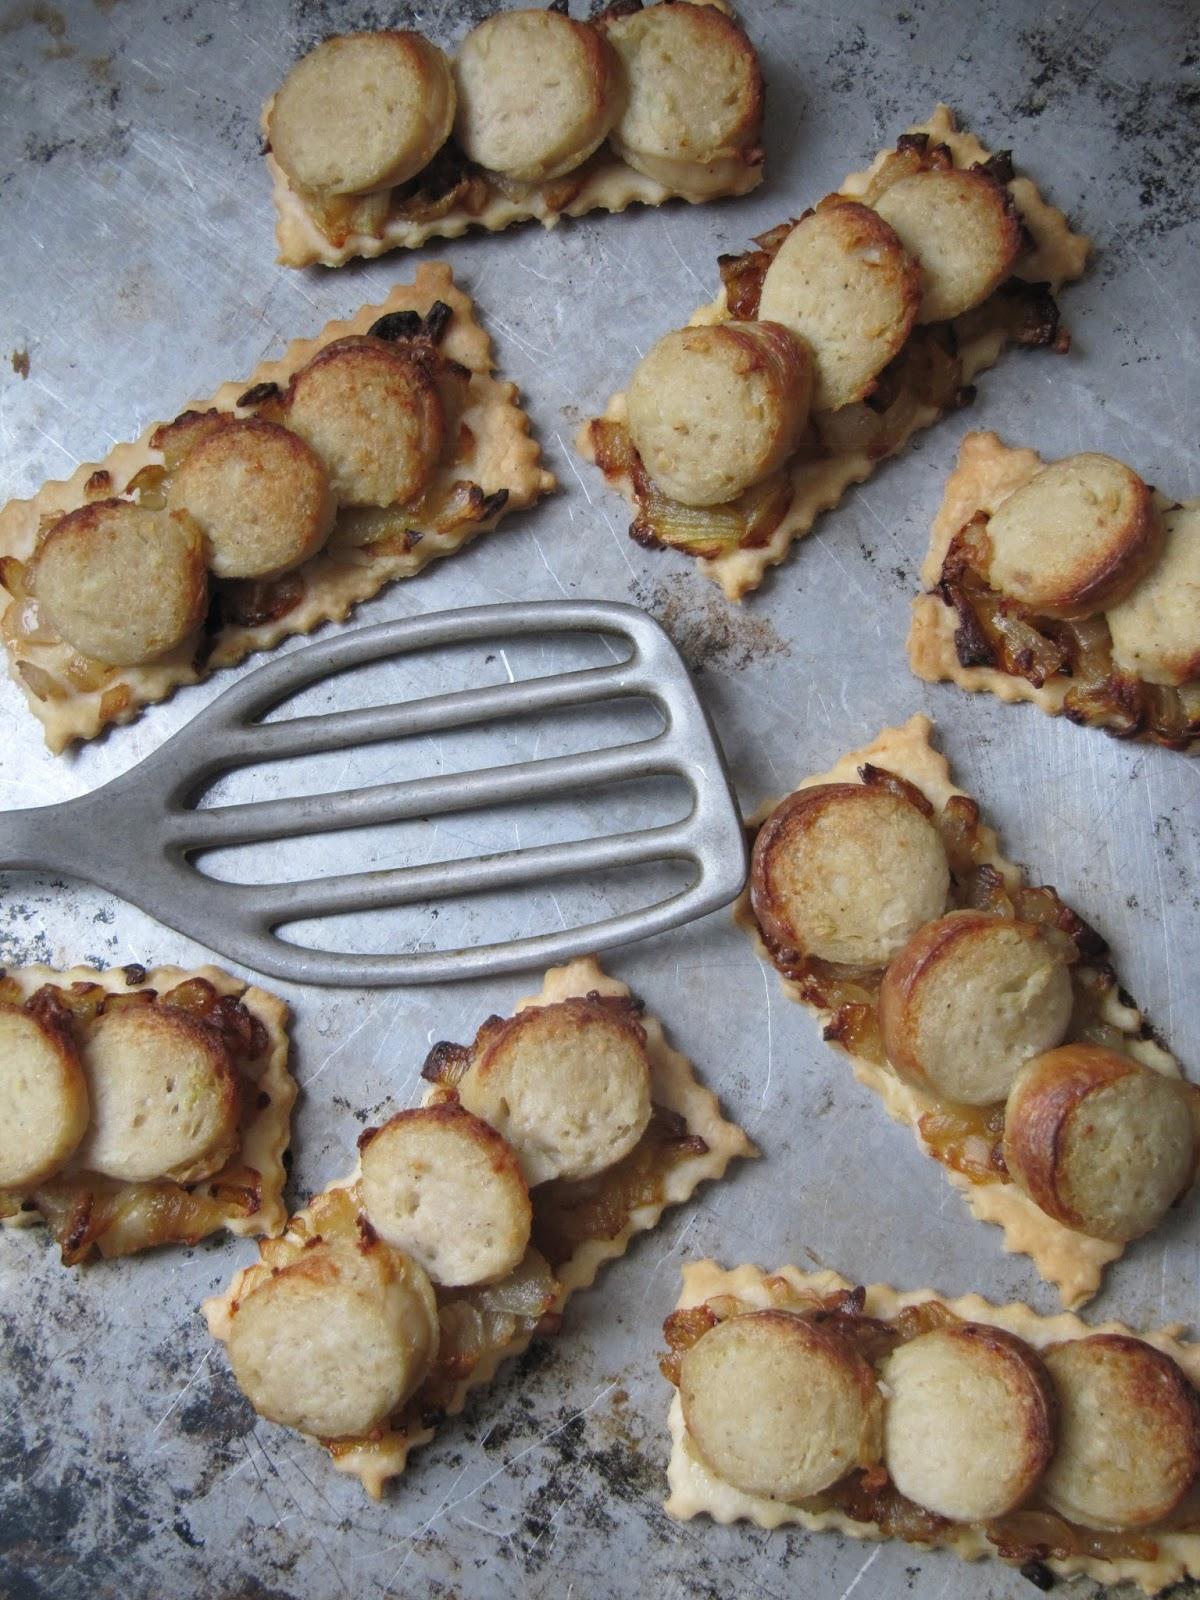 Cuisson Boudin Blanc Four : cuisson, boudin, blanc, Cuisine, D'ici, D'ISCA:, Quiches, Boudin, Blanc, Confit, D'oignons, Ardennes